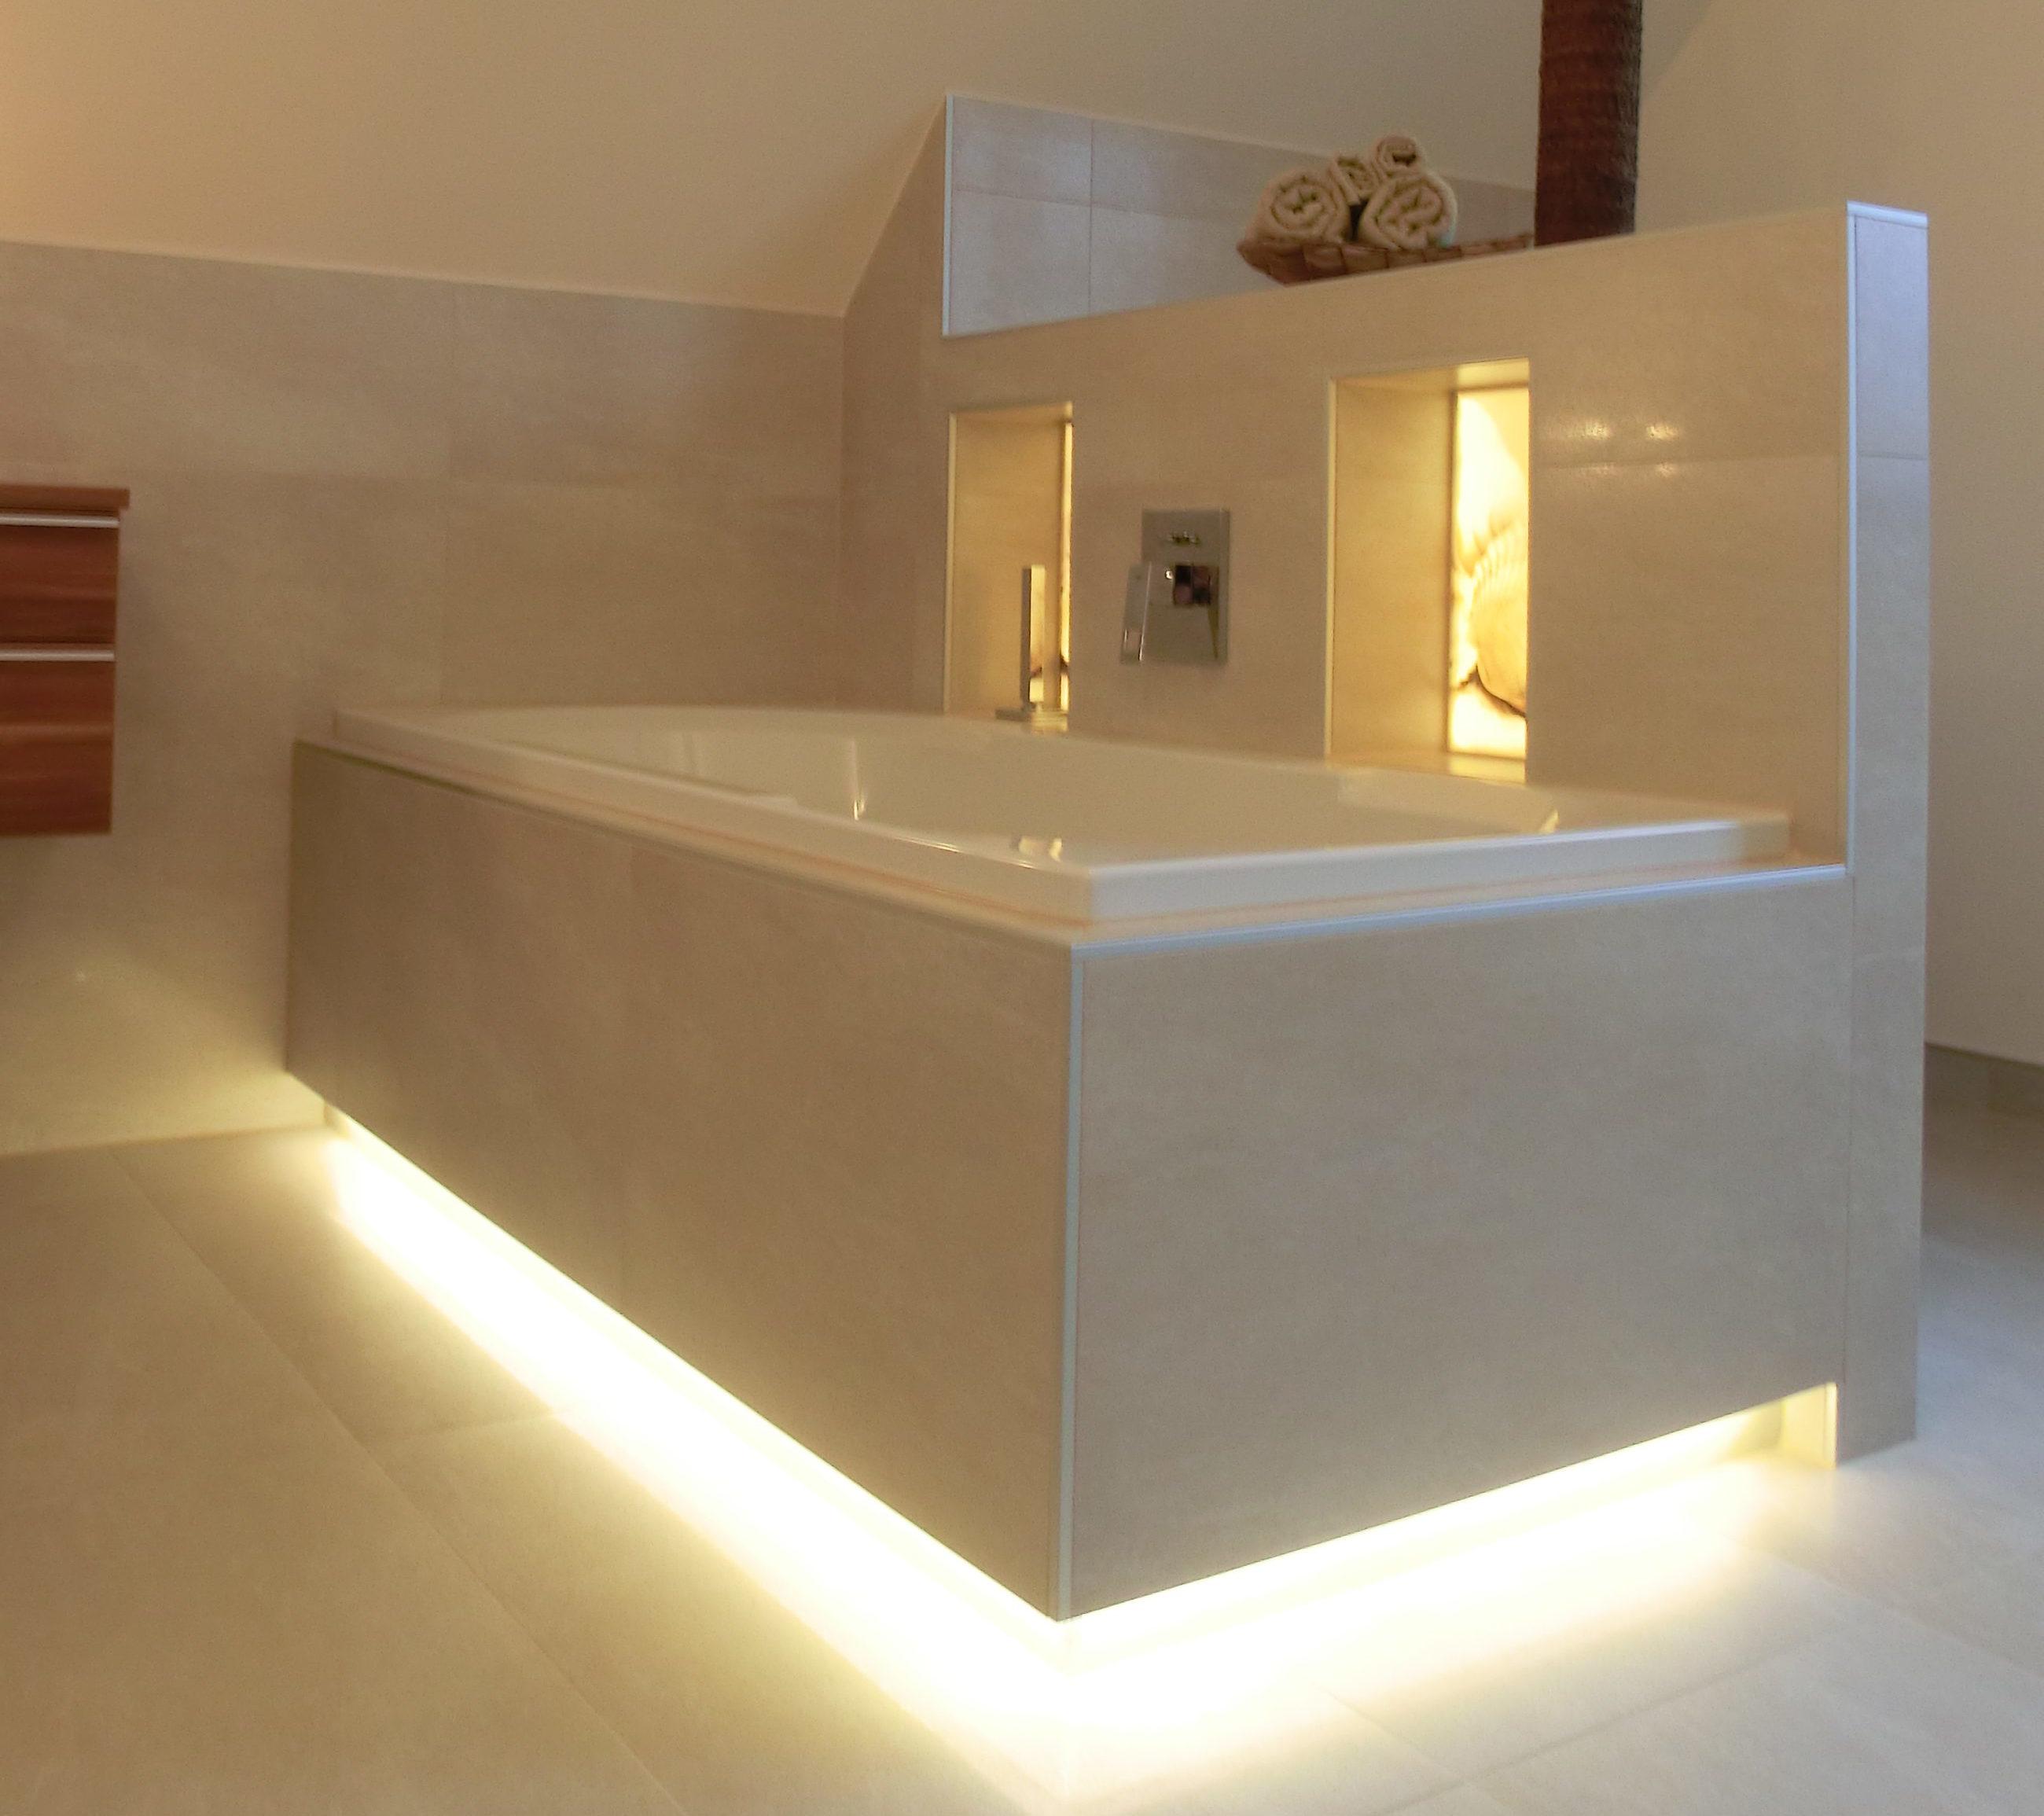 nische im bad ideen fr kleine bder und badezimmer bilder bad einrichten mietwohnung nische im. Black Bedroom Furniture Sets. Home Design Ideas